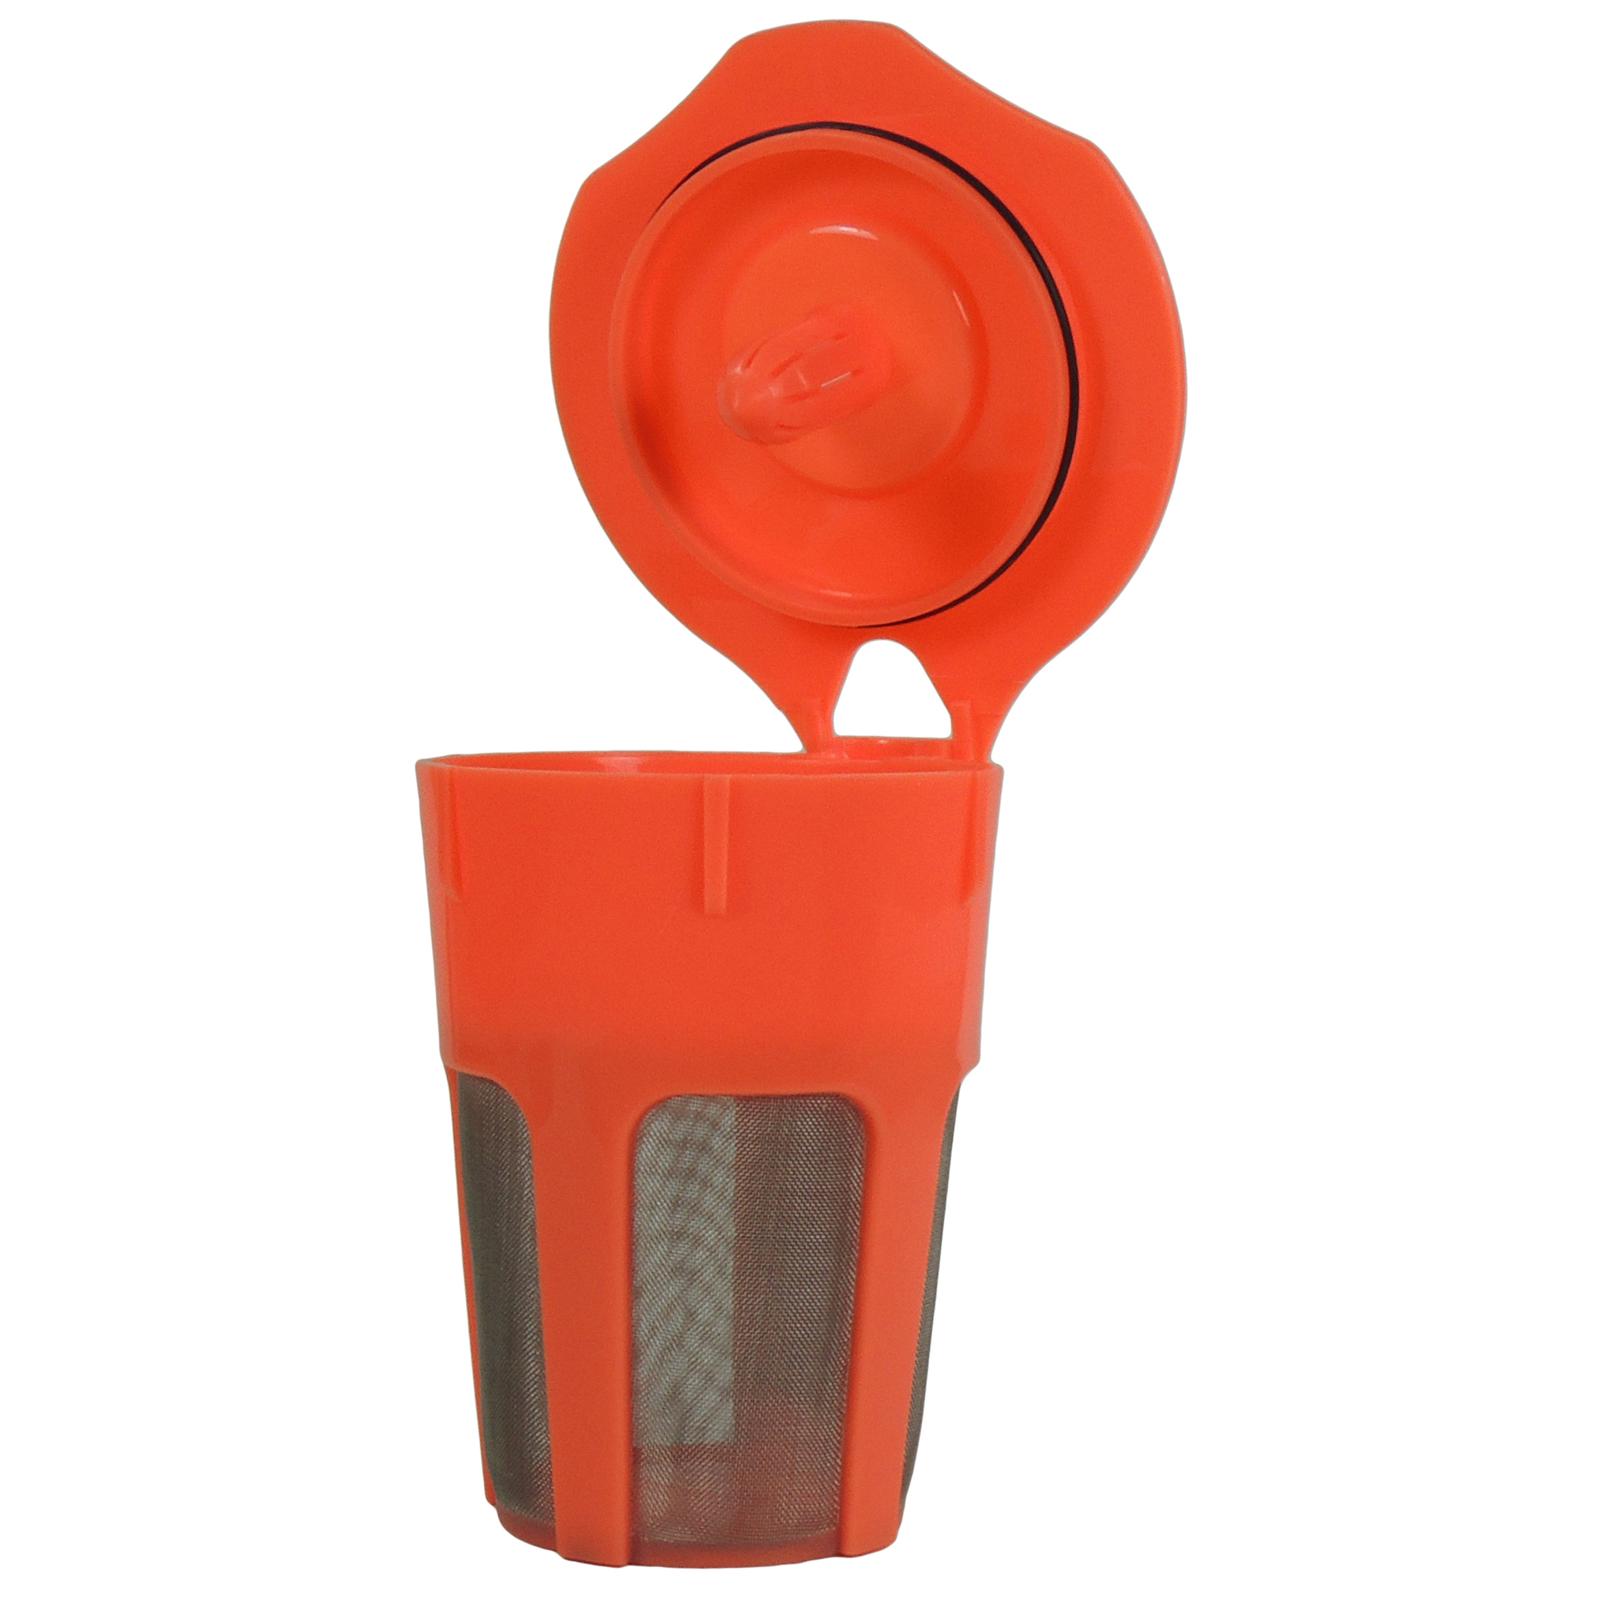 Keurig 2.0 K-carafe Reusable K-cup Filter Keurig K-cups for Keurig 2.0 Brewers